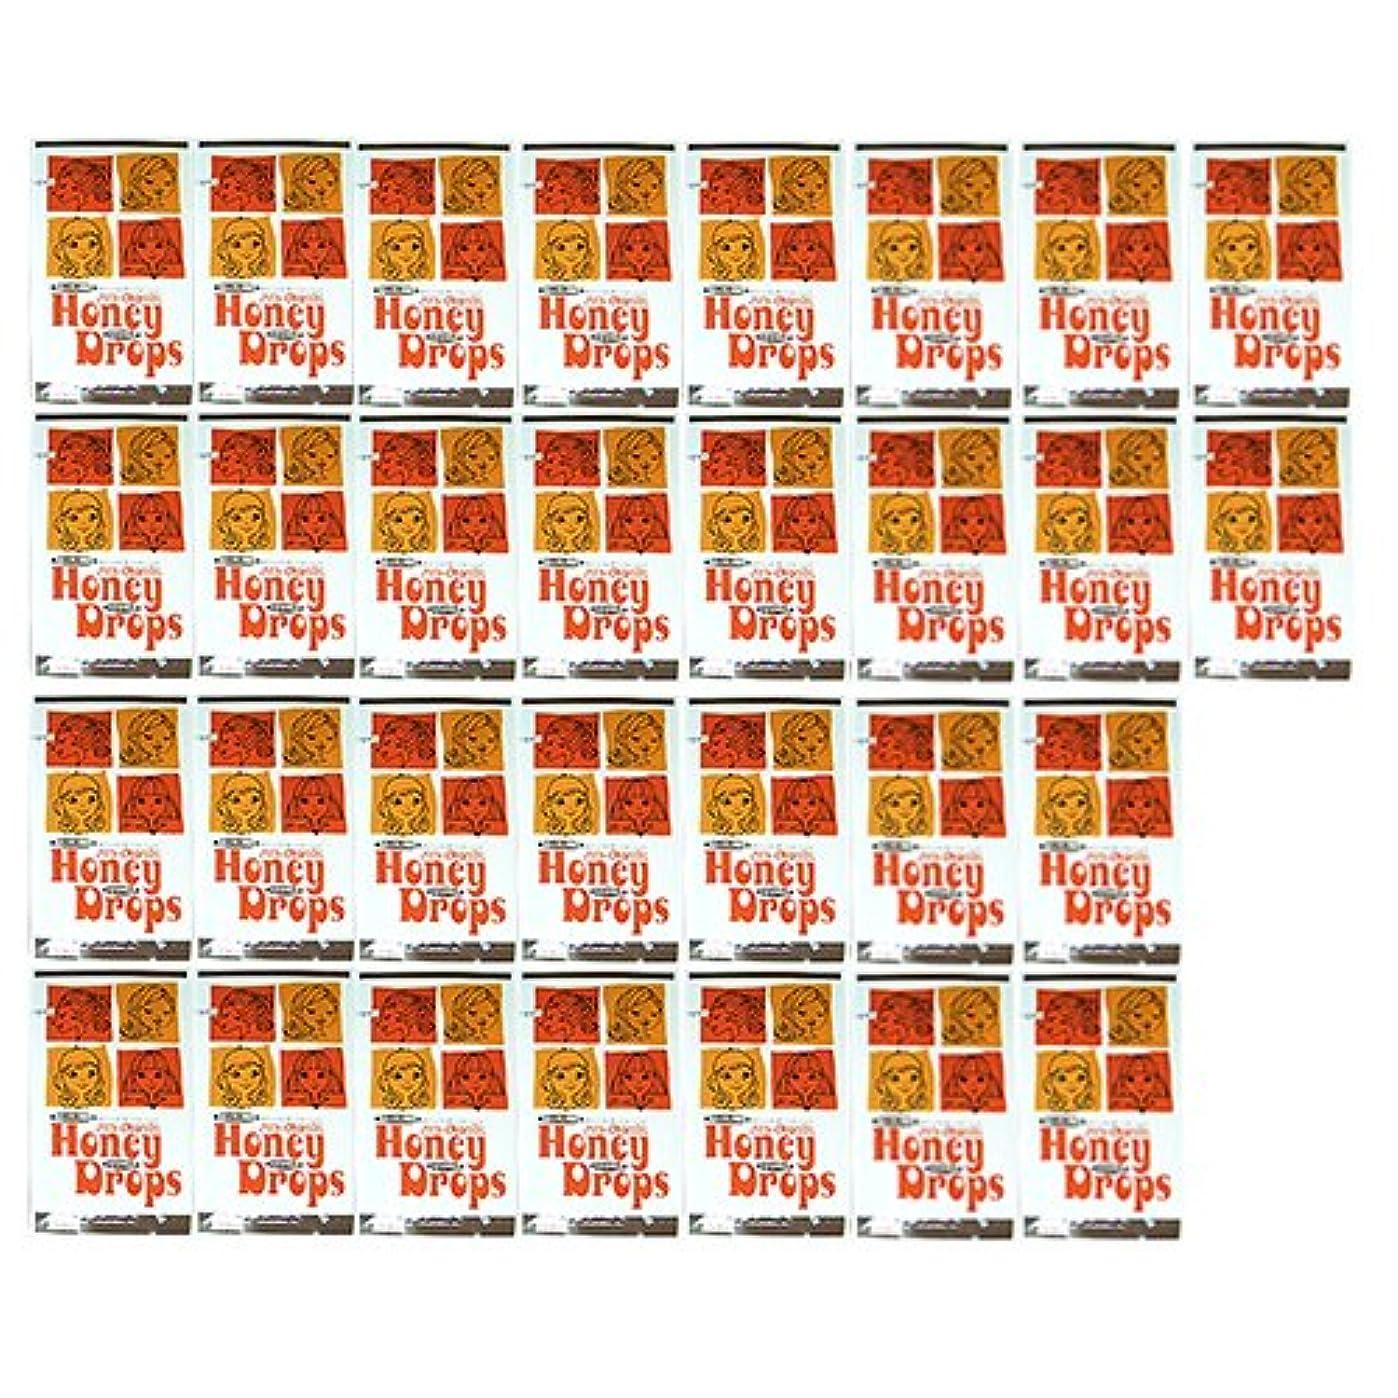 温度キノコ刺すハニードロップス(Honey Drops) 20ml 使い捨て潤滑ローション D柄 × 30個入